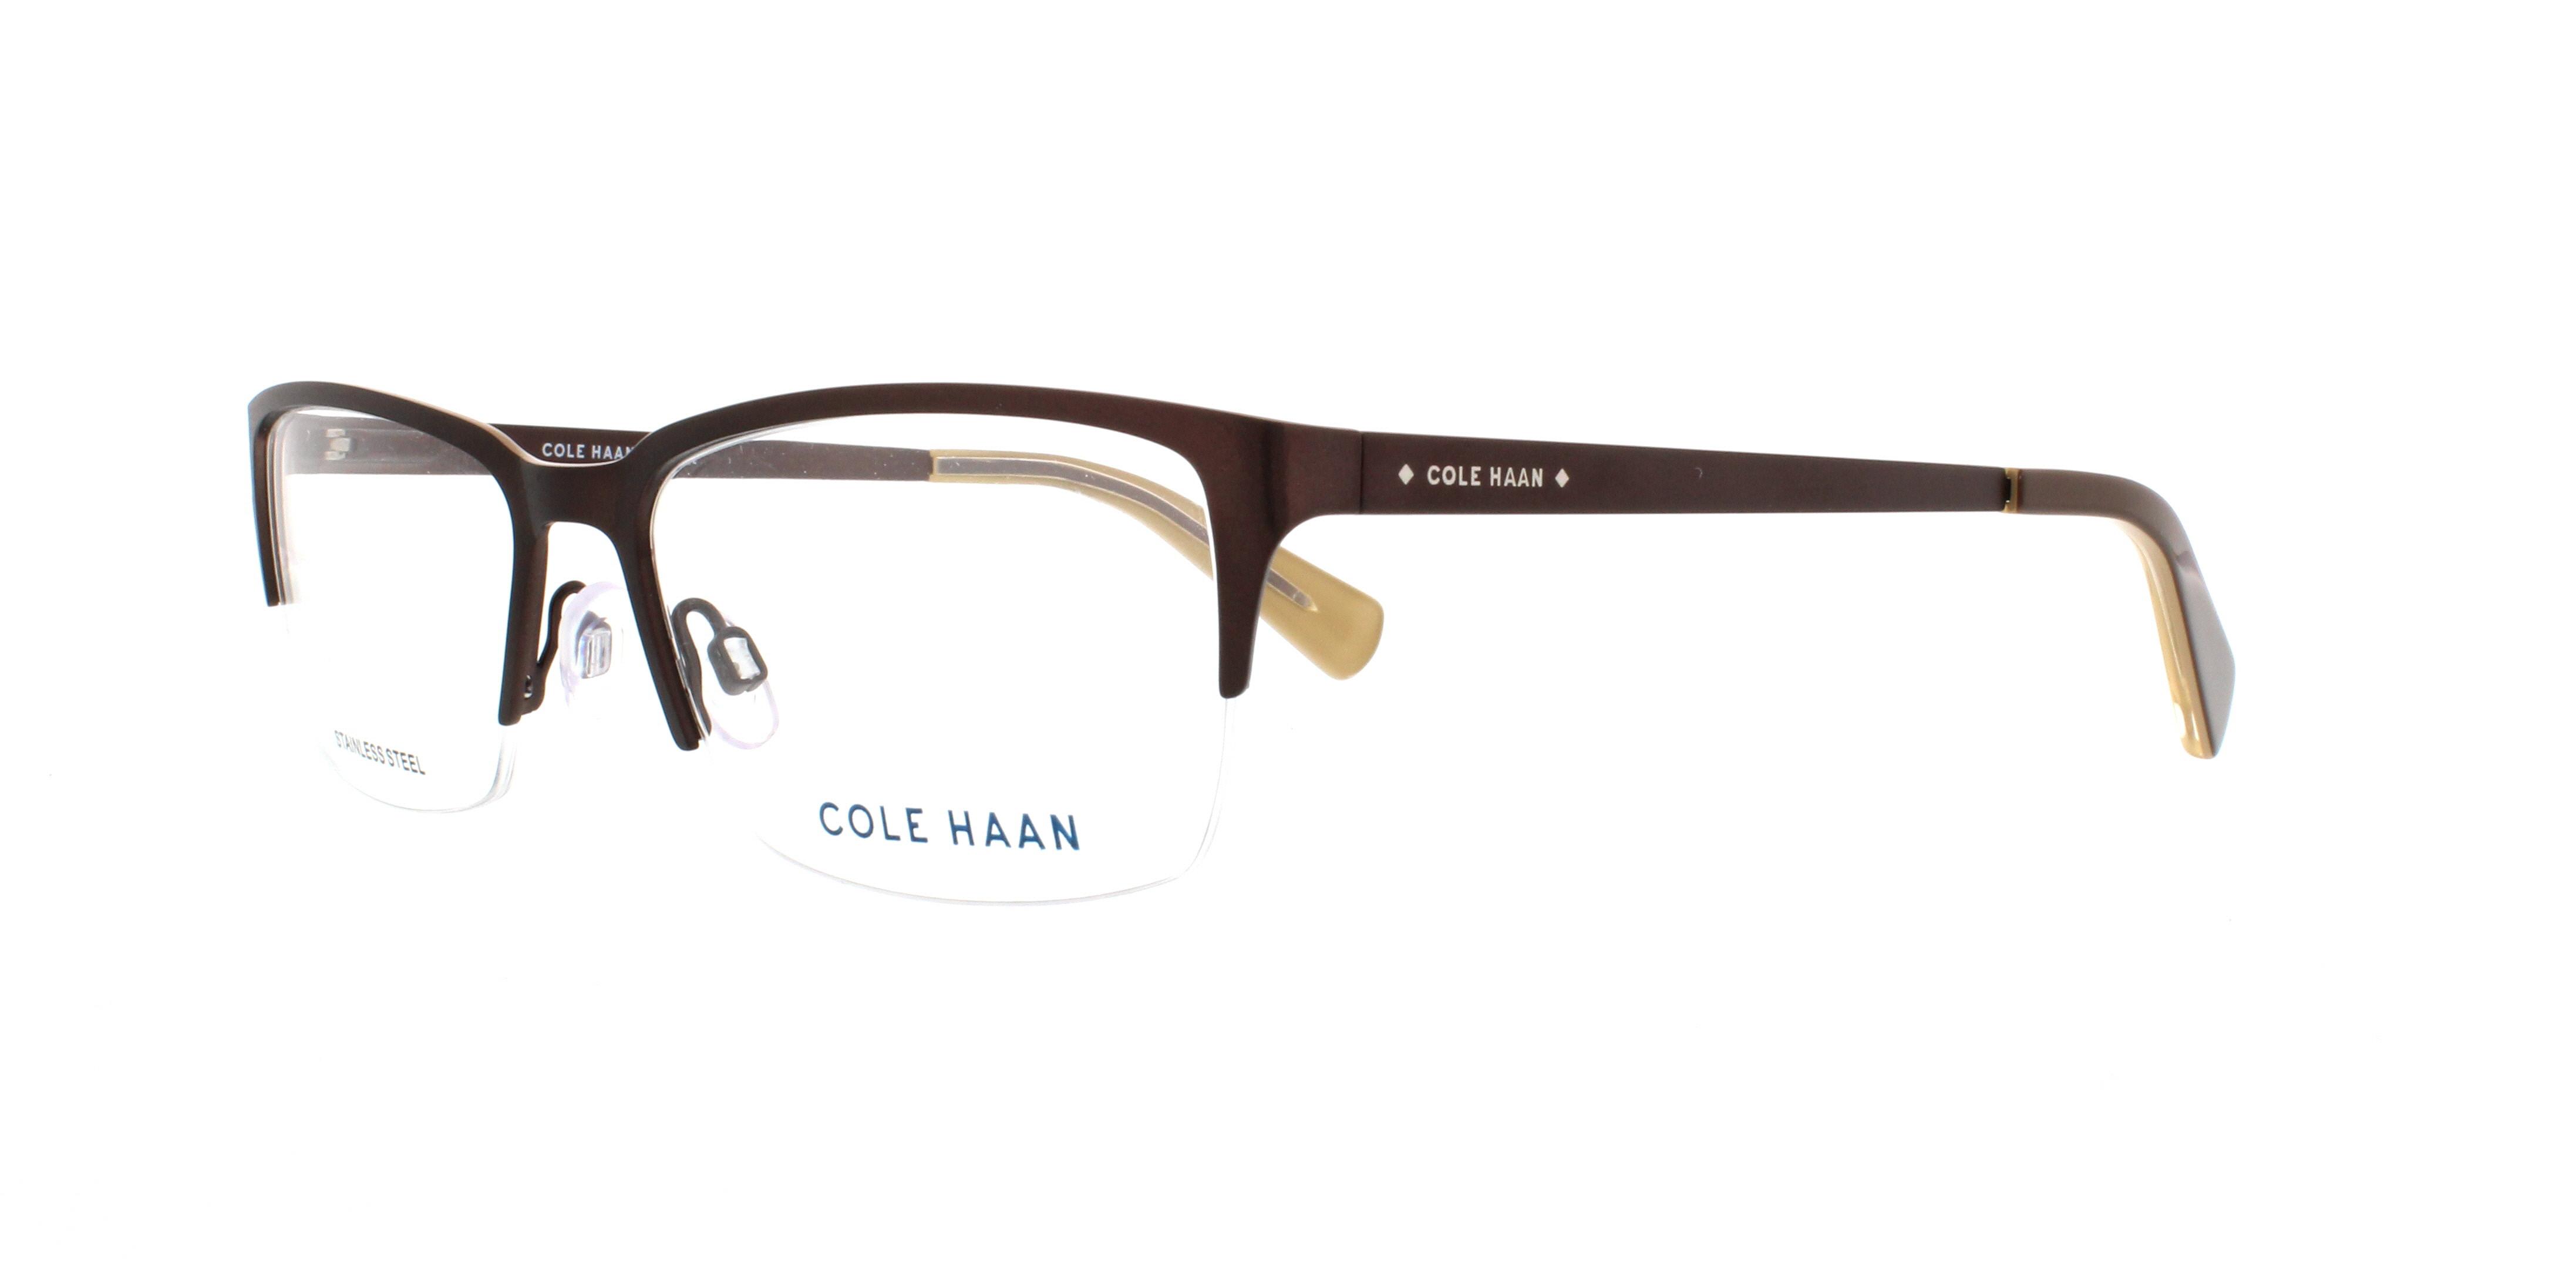 COLE HAAN Eyeglasses CH4004 210 Brown 55MM 788678534729 | eBay